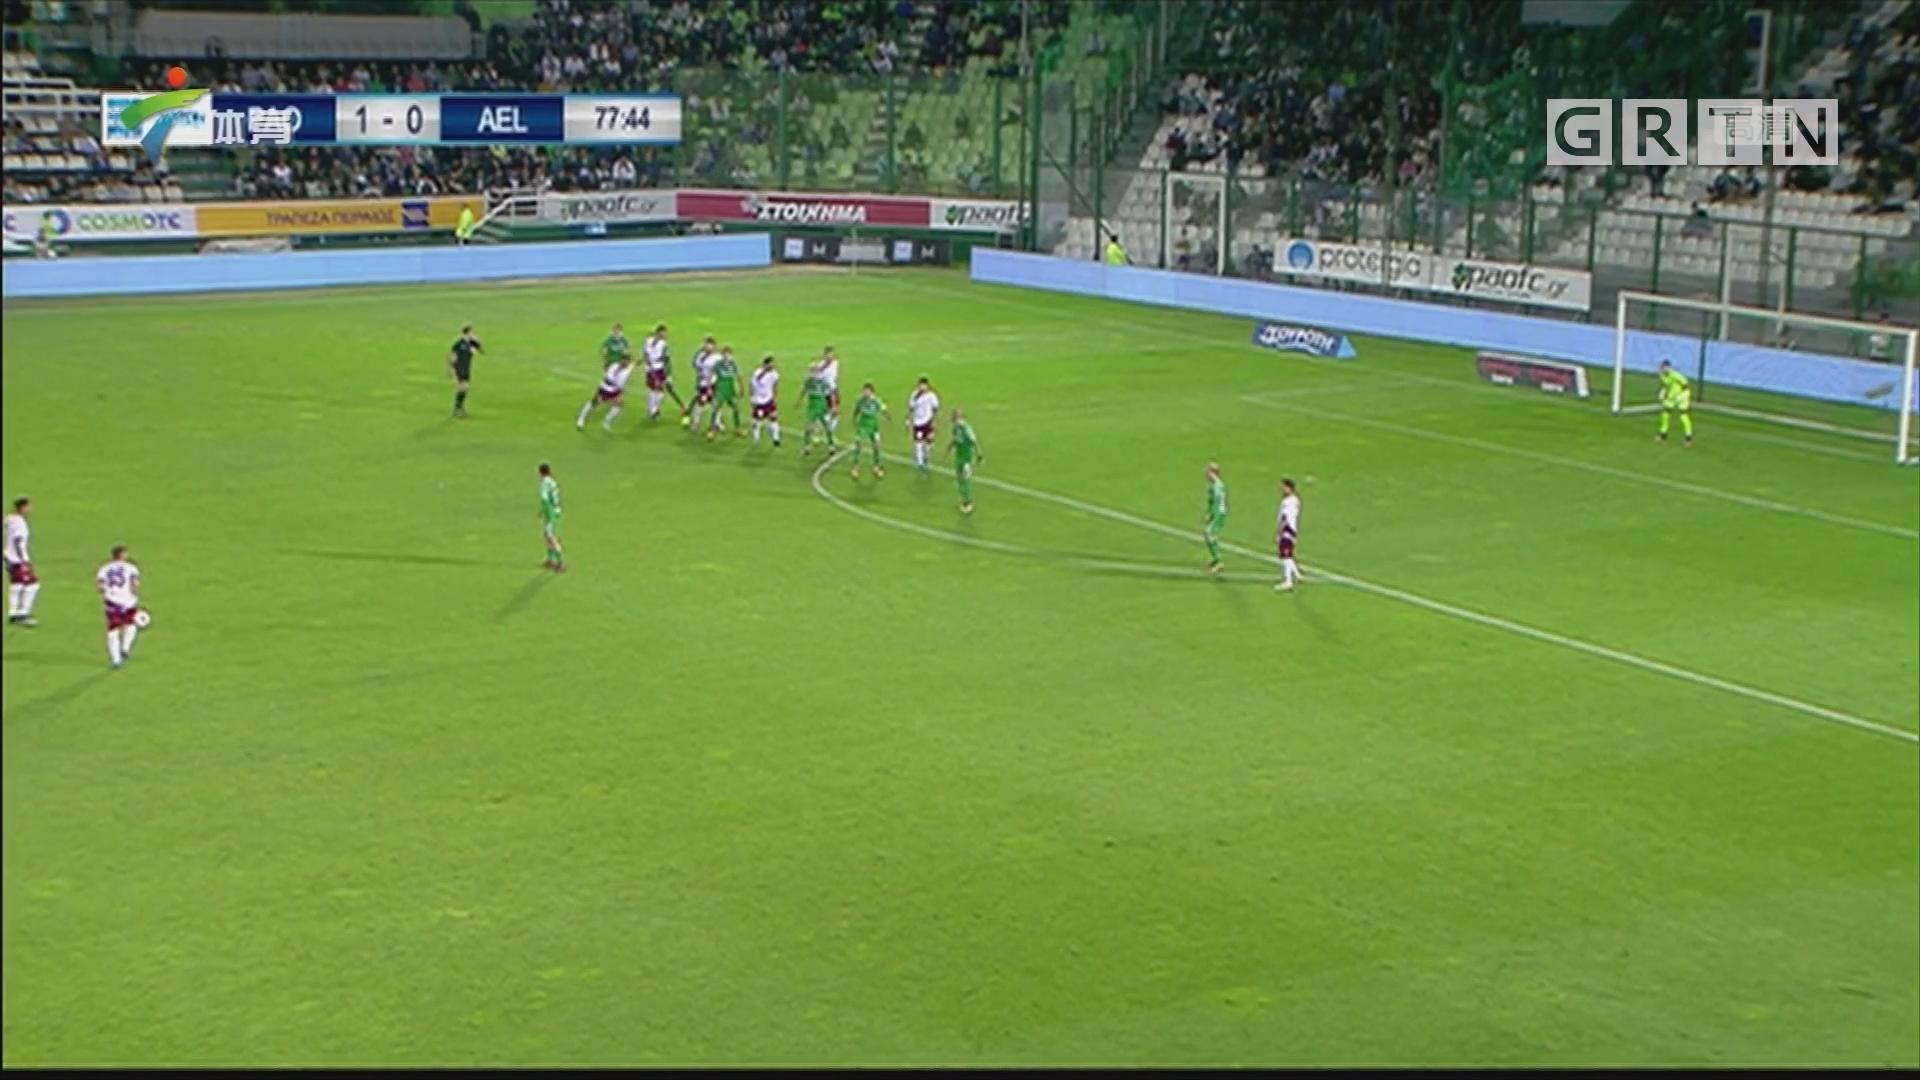 希腊超级联赛 帕纳辛纳科斯绝杀拉里萨